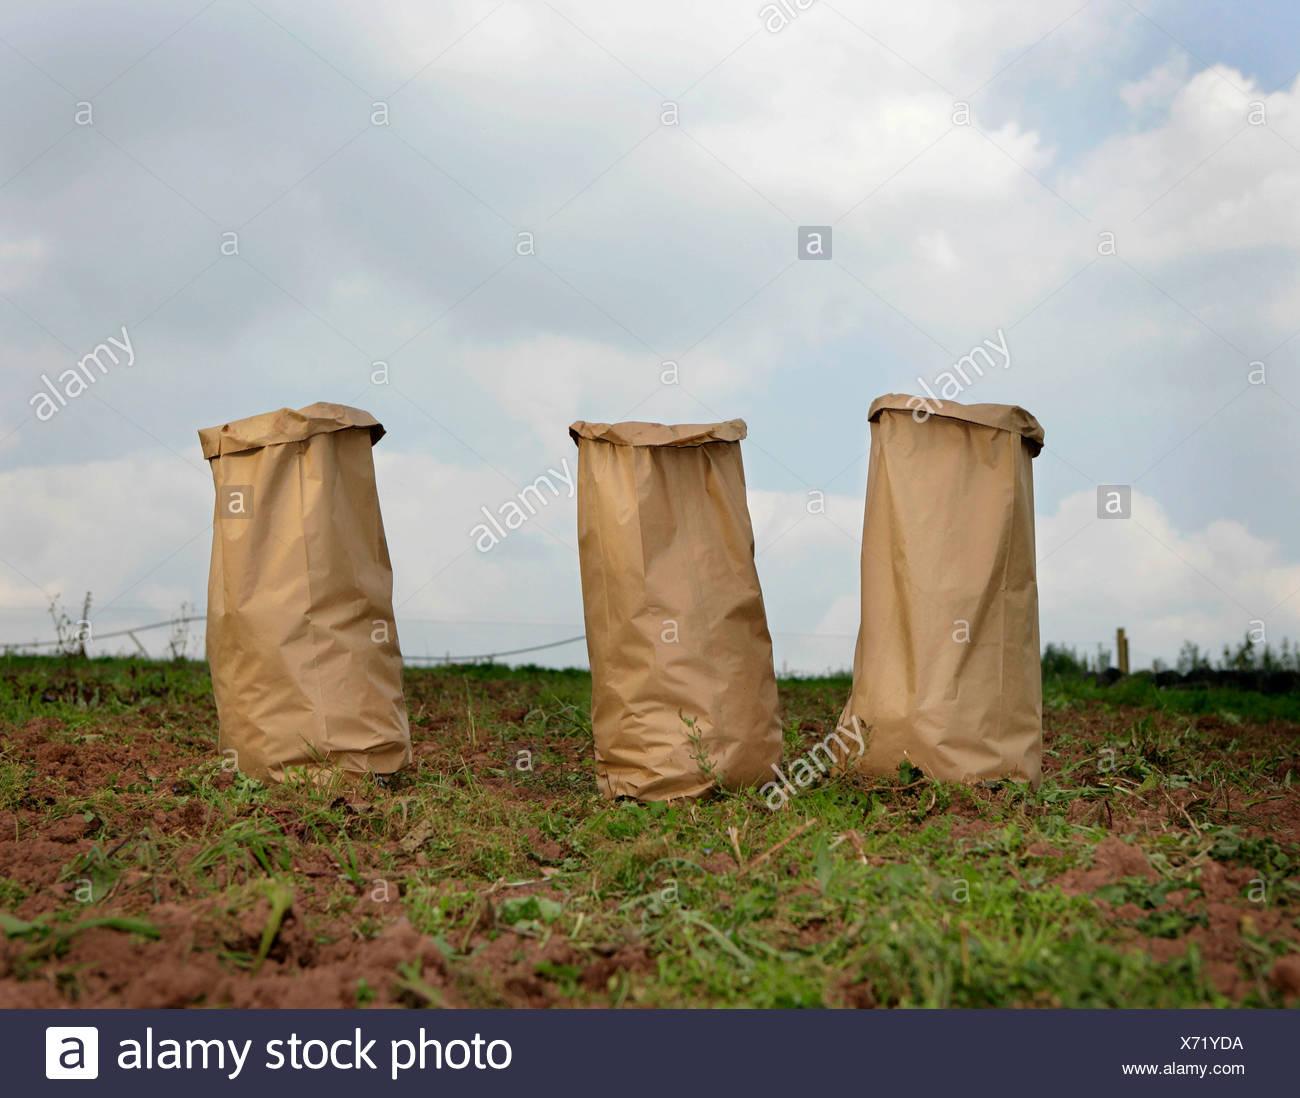 sacks in field - Stock Image